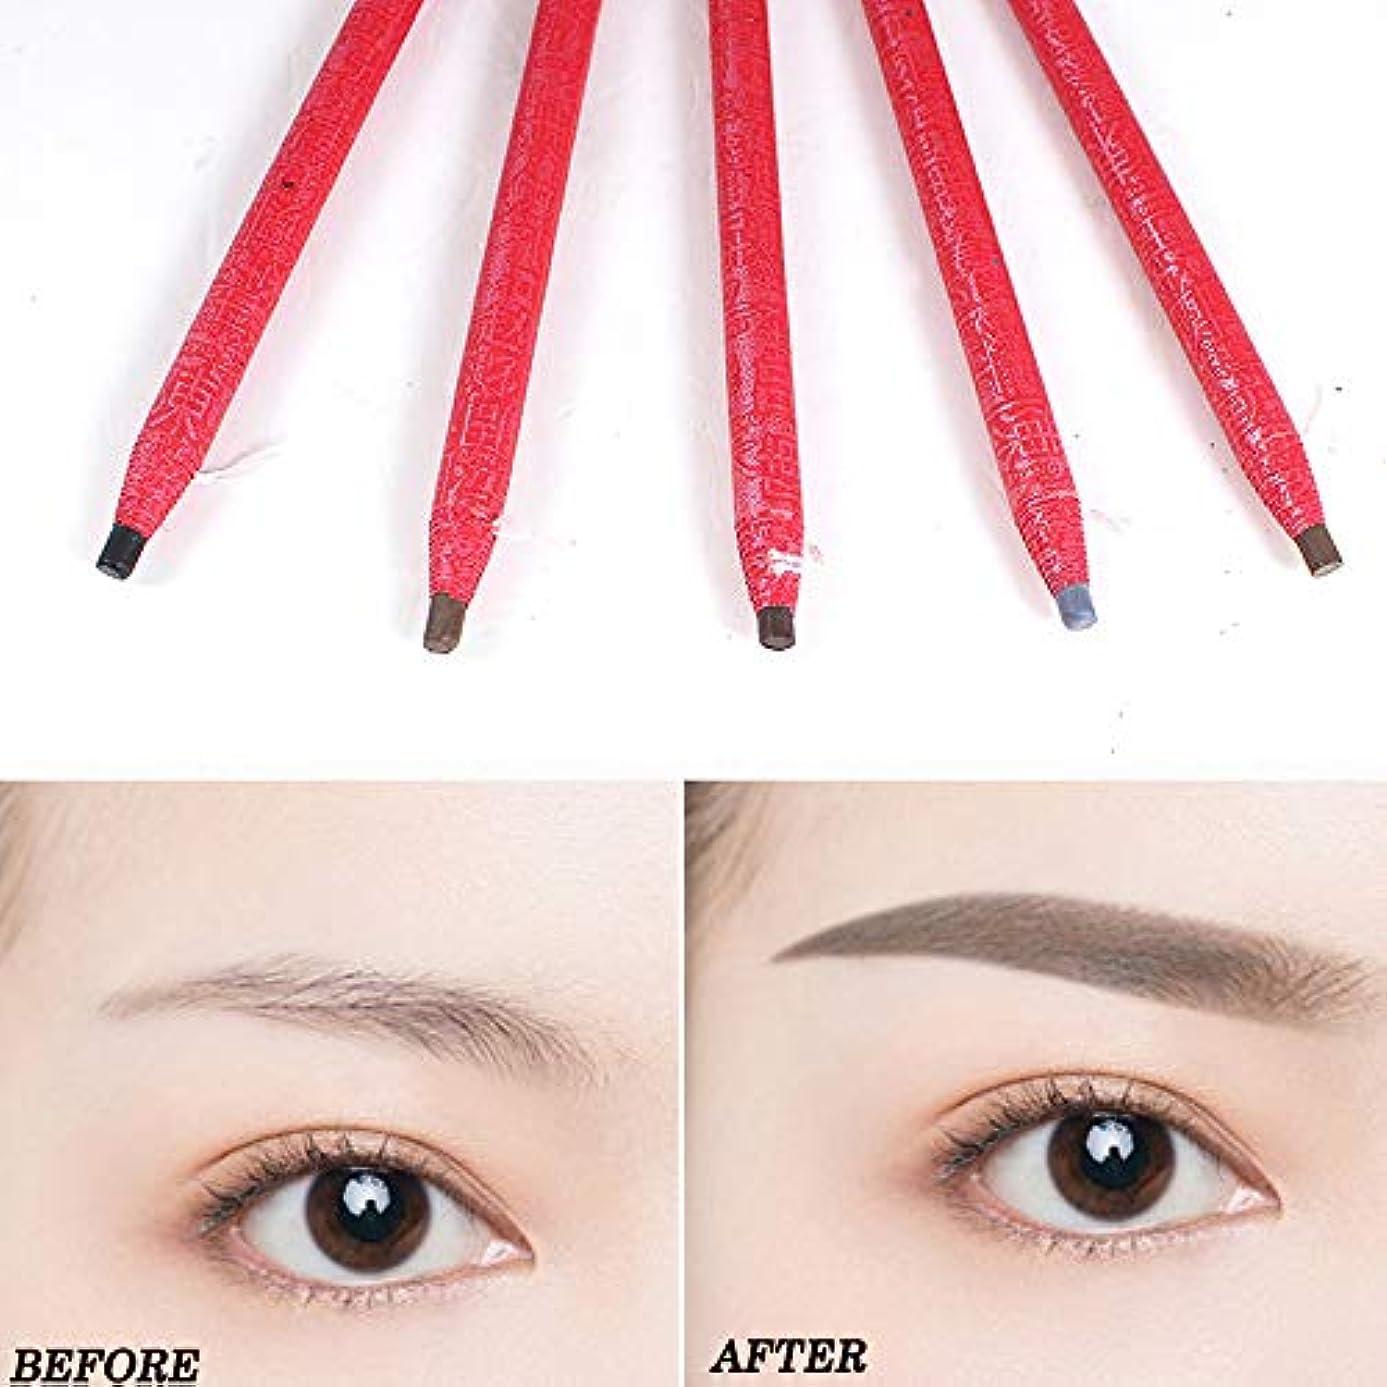 影のあるに対処する美人5ピース描画眉ペン刺繍ペン防水眉ペンメイクアップツール